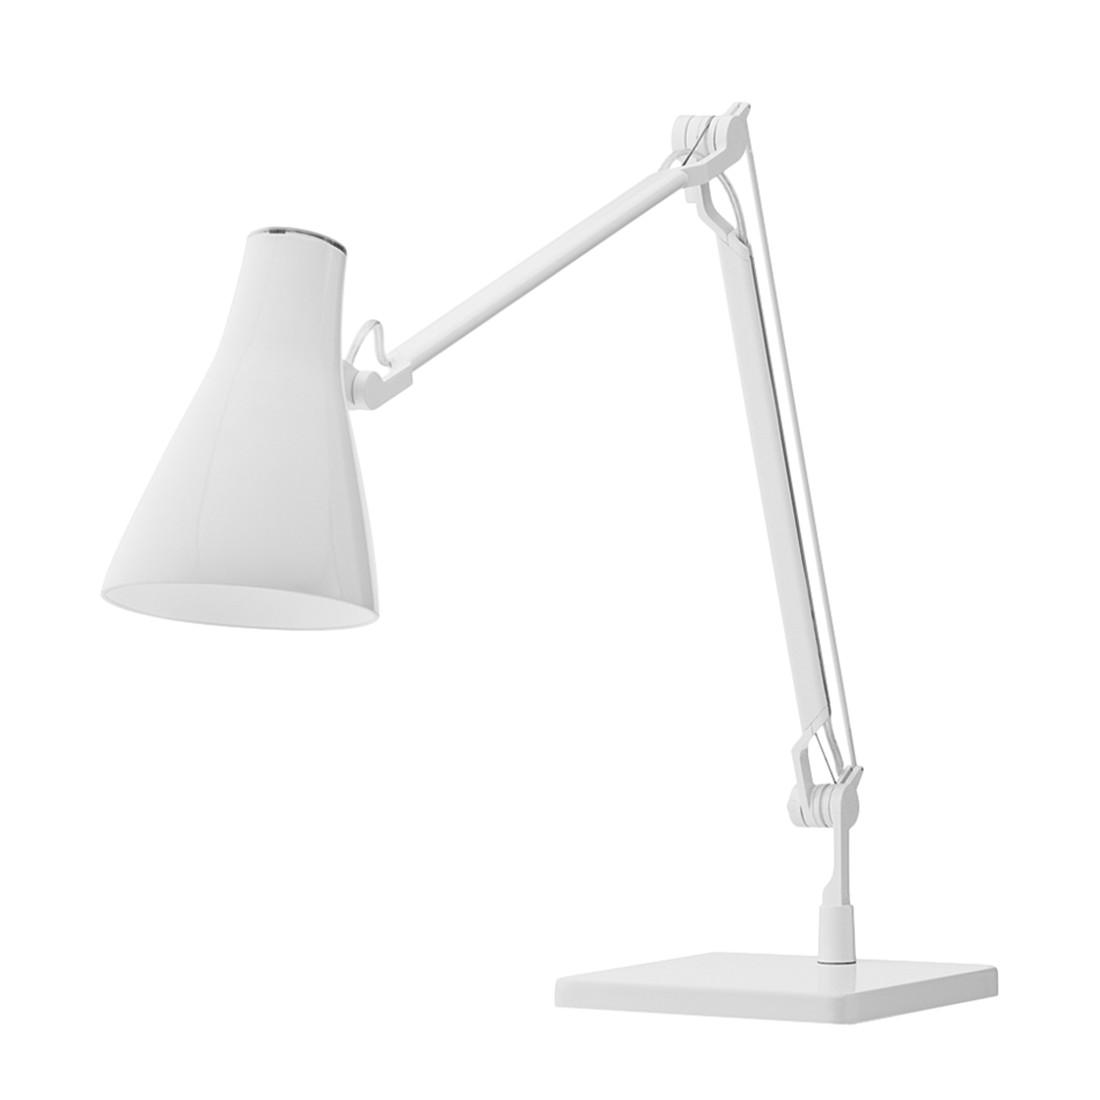 Tischleuchte Solus 2 ● Metall/Kunststoff ● Weiß ● 1-flammig- Blanke Design A